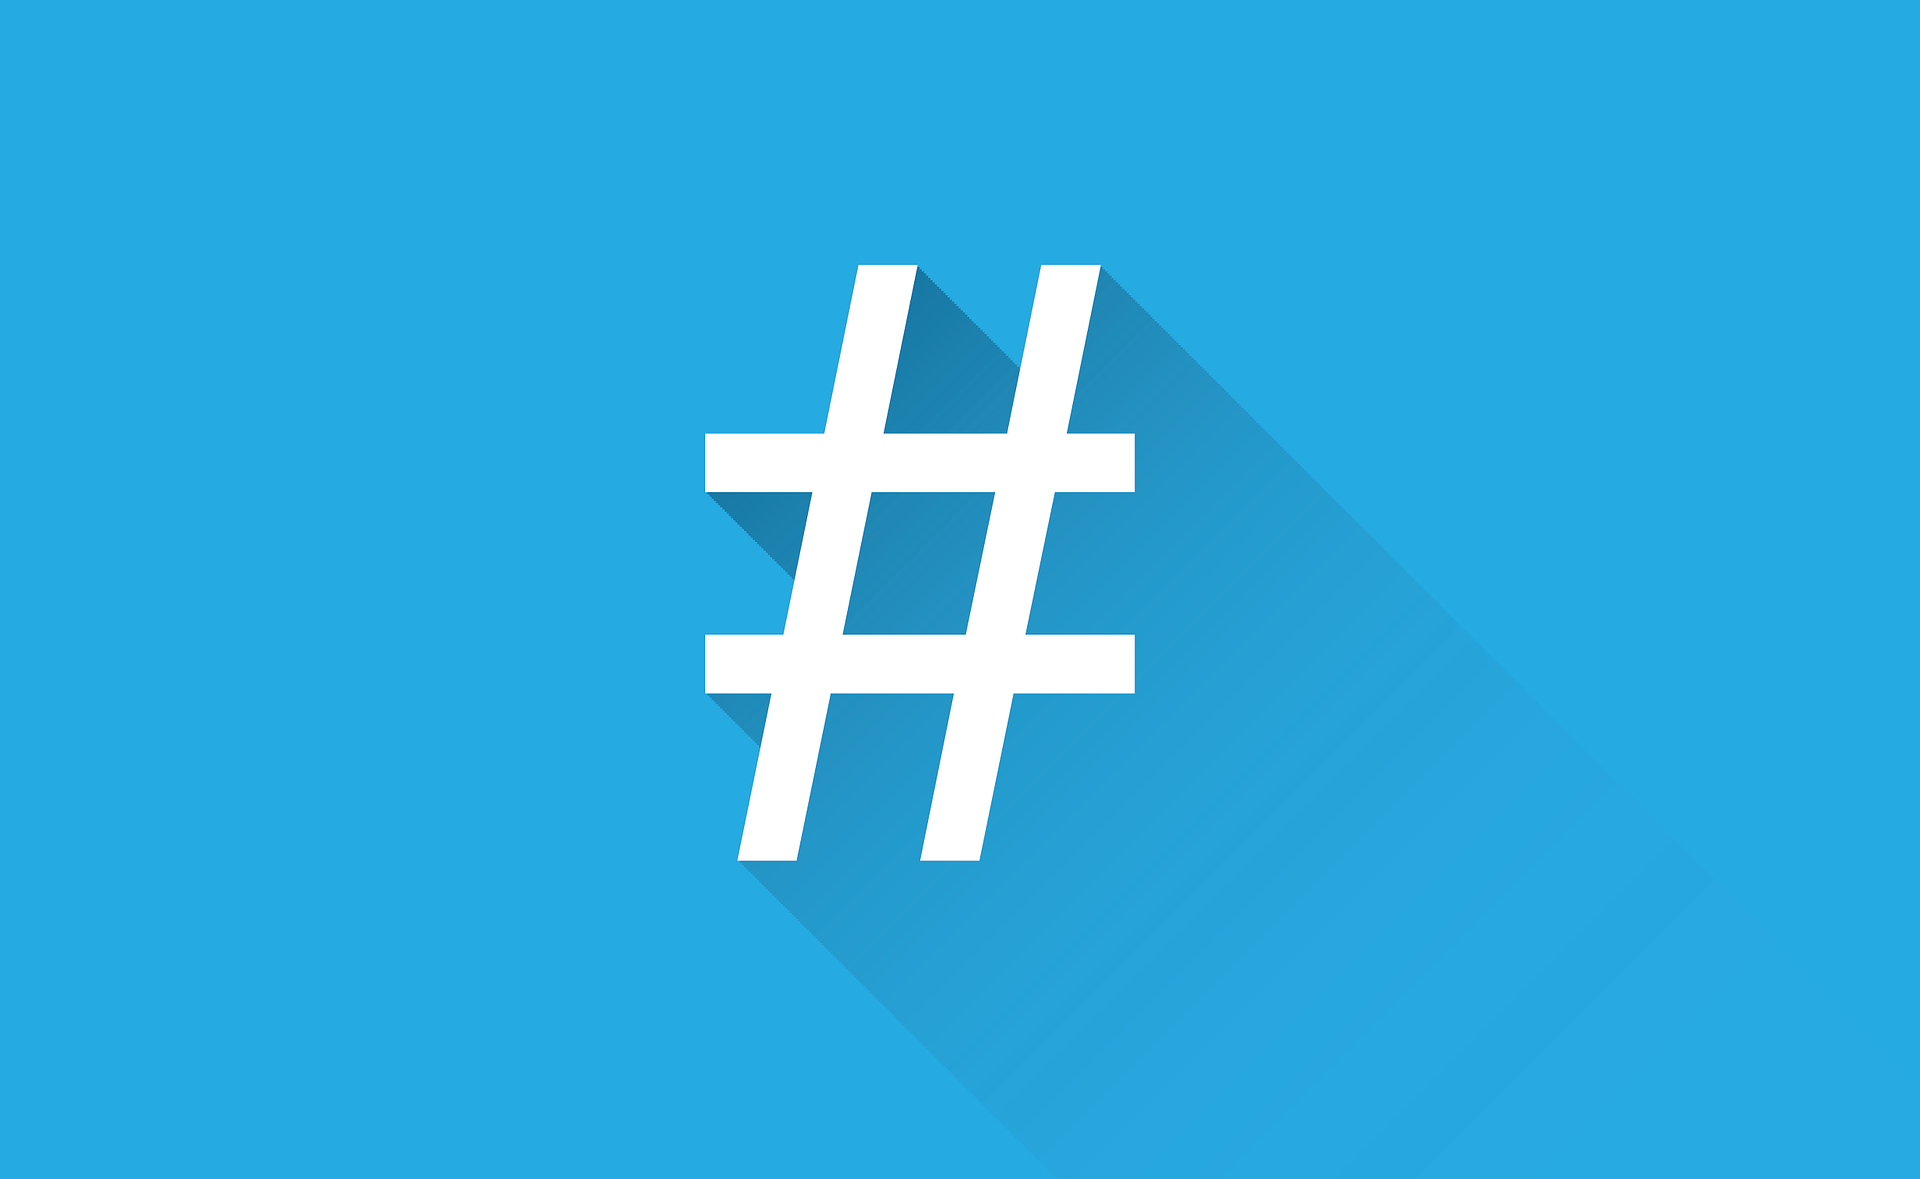 Weißer Hashtag auf blauem Hintergrund